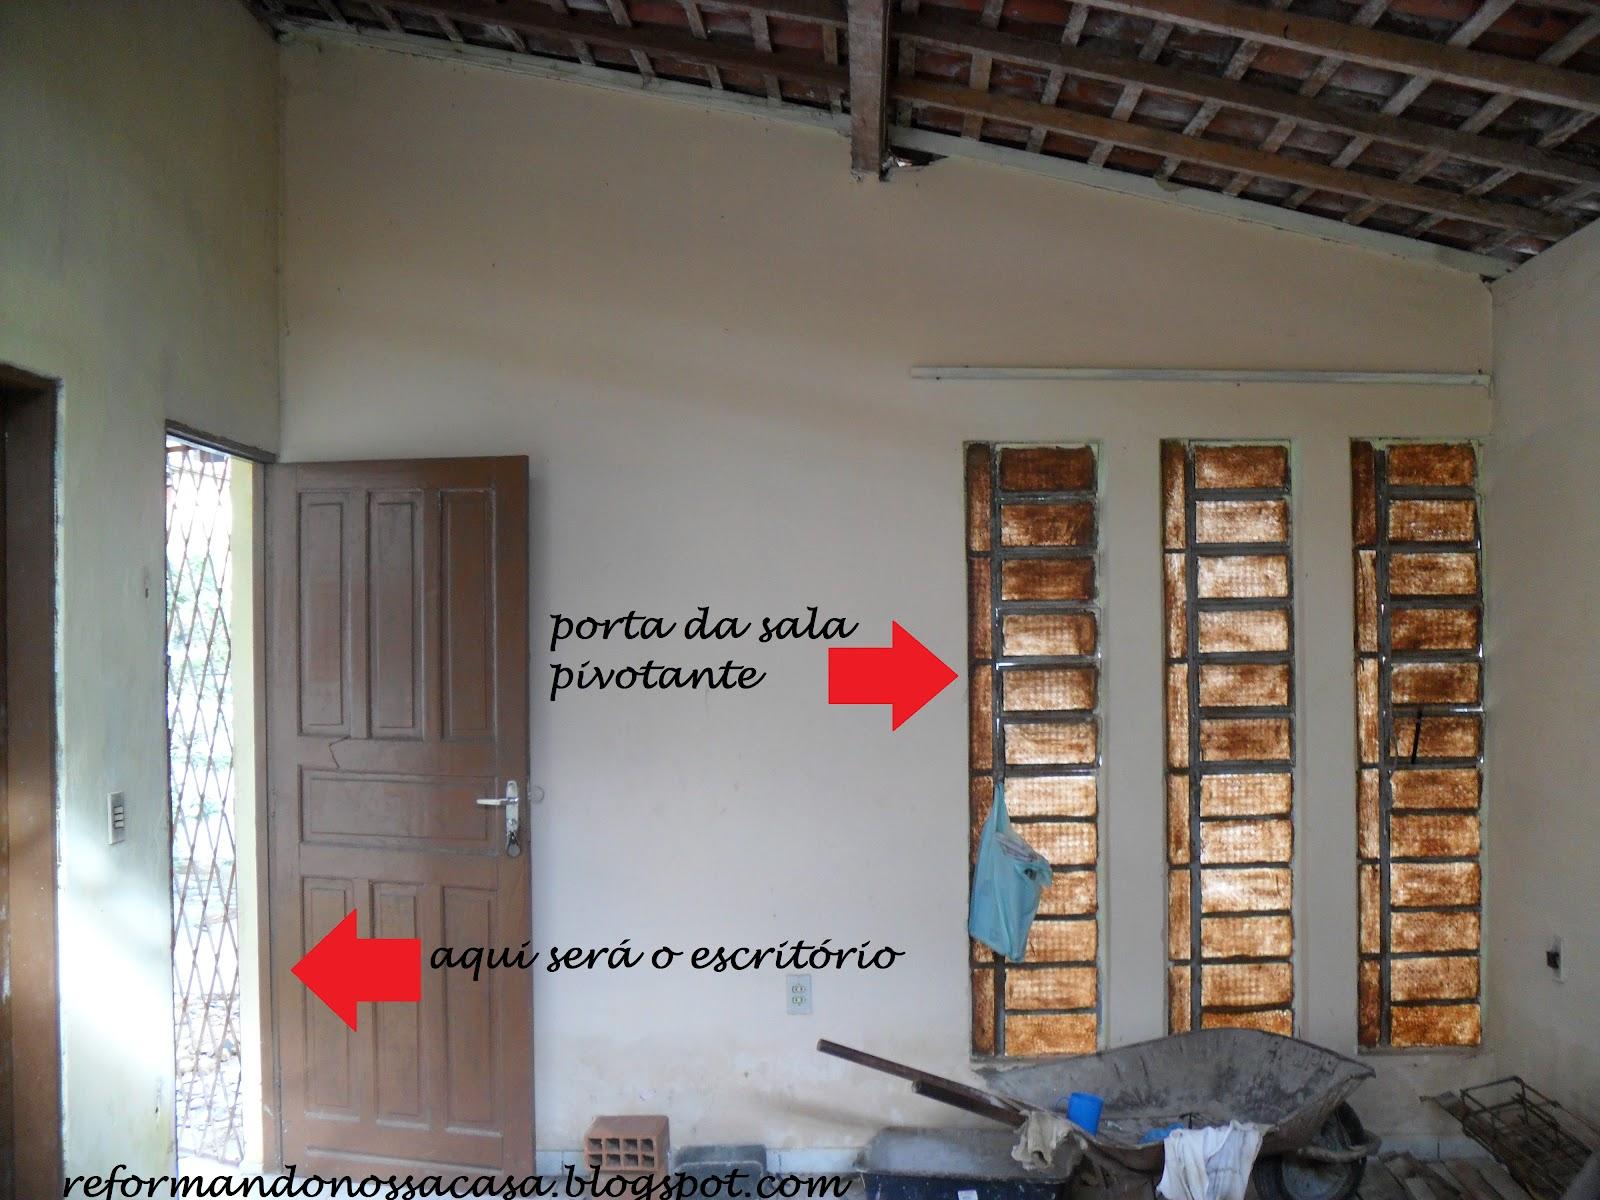 Reformando nossa casa : Nossa reforma já começou!!! #B91219 1600 1200